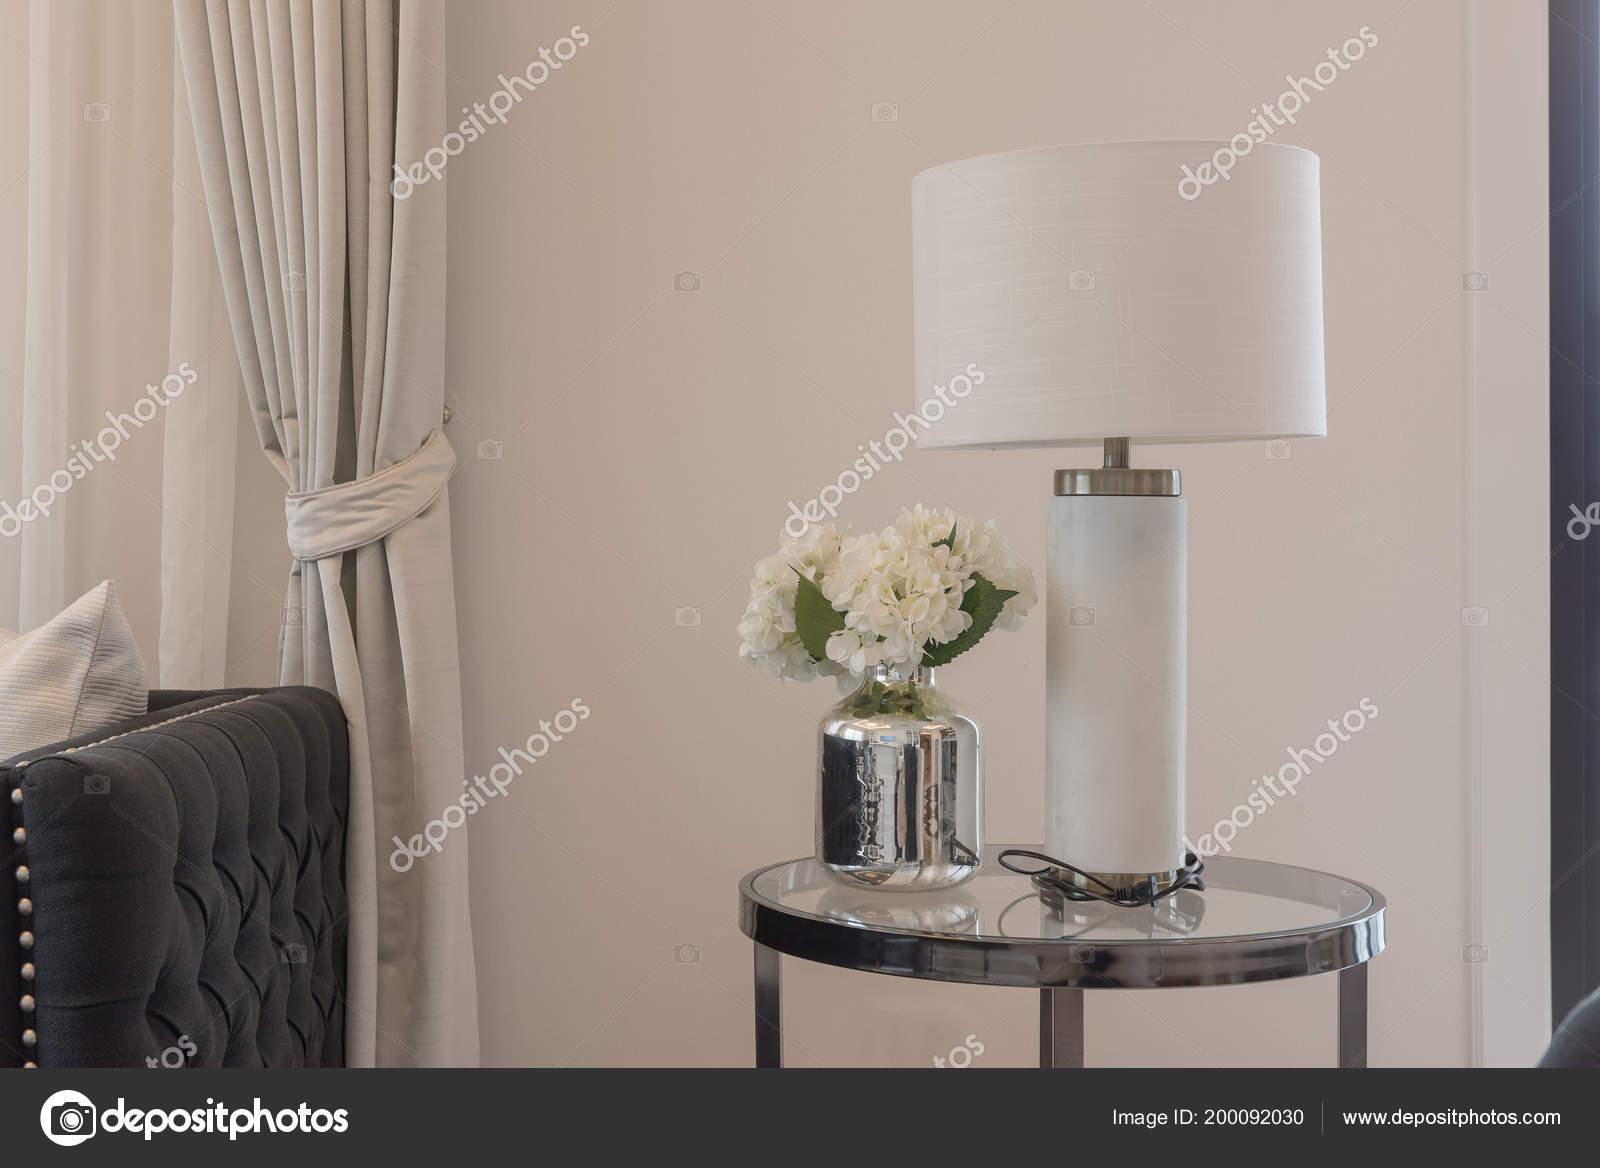 Klassische Weiße Lampe Mit Vase Von Pflanzen Auf Runden ...